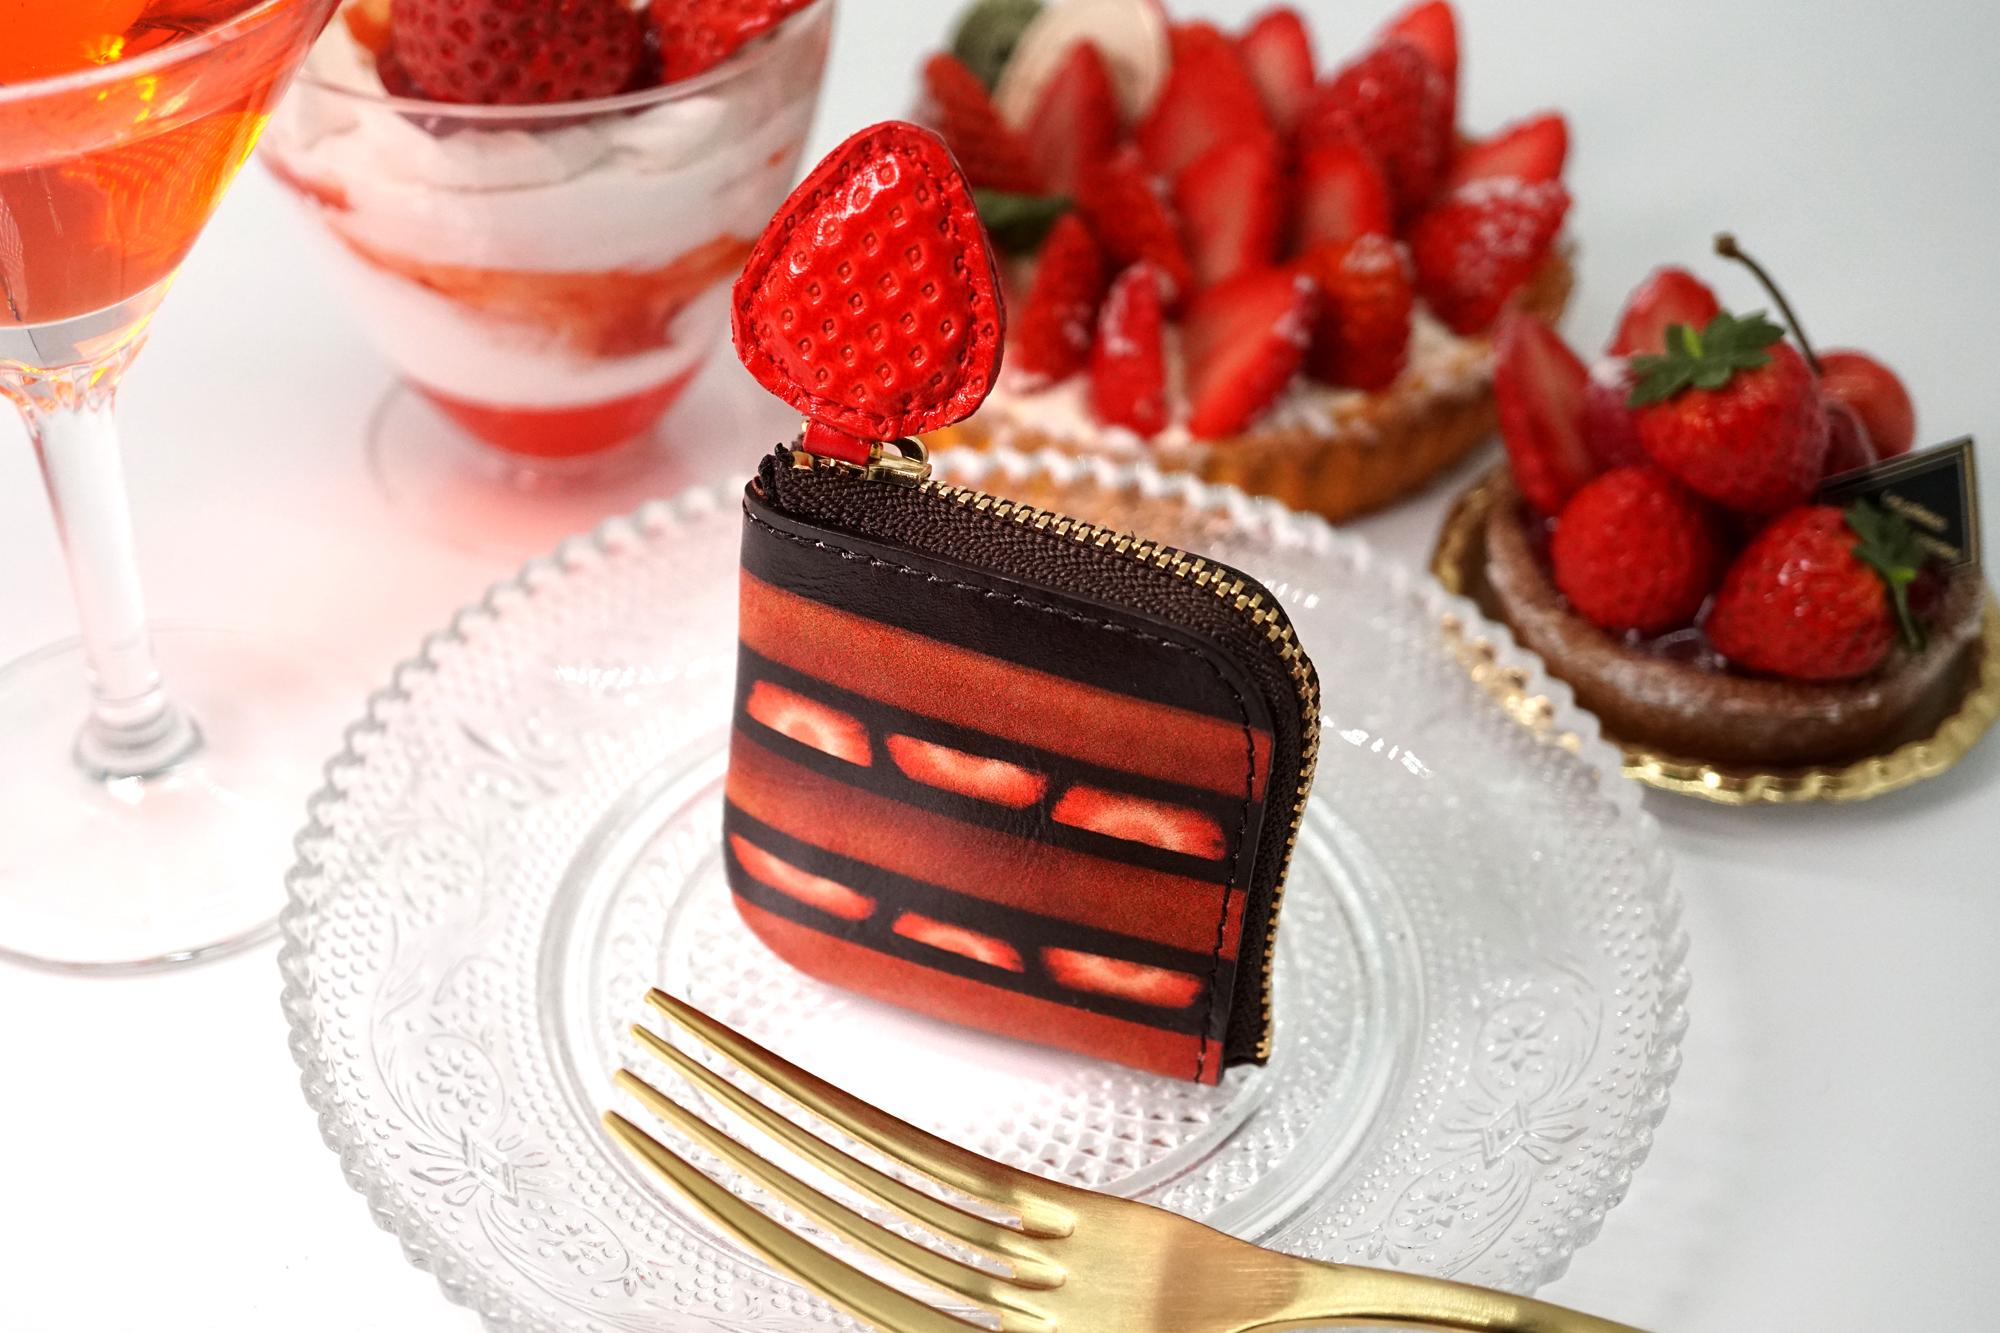 ミニチュアL字ファスナー小銭入れ/チョコレートケーキ(牛革製)